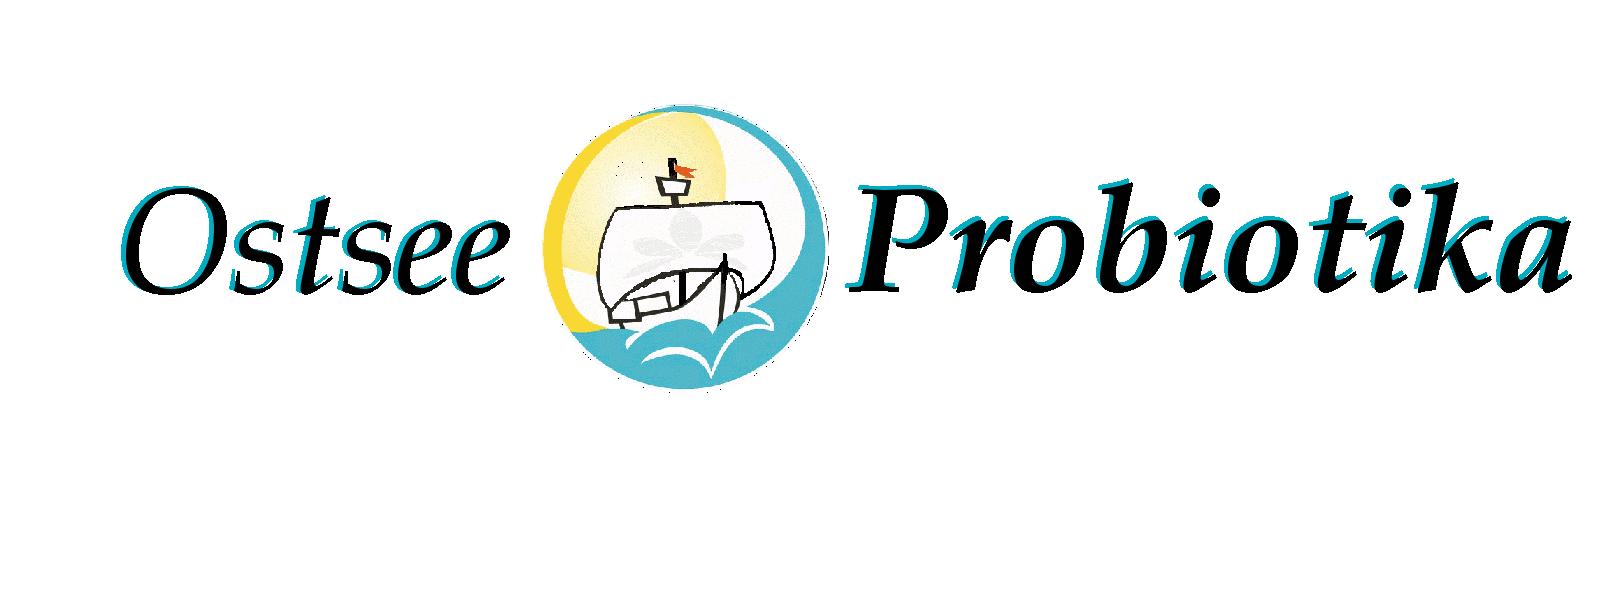 Ostsee Probiotika